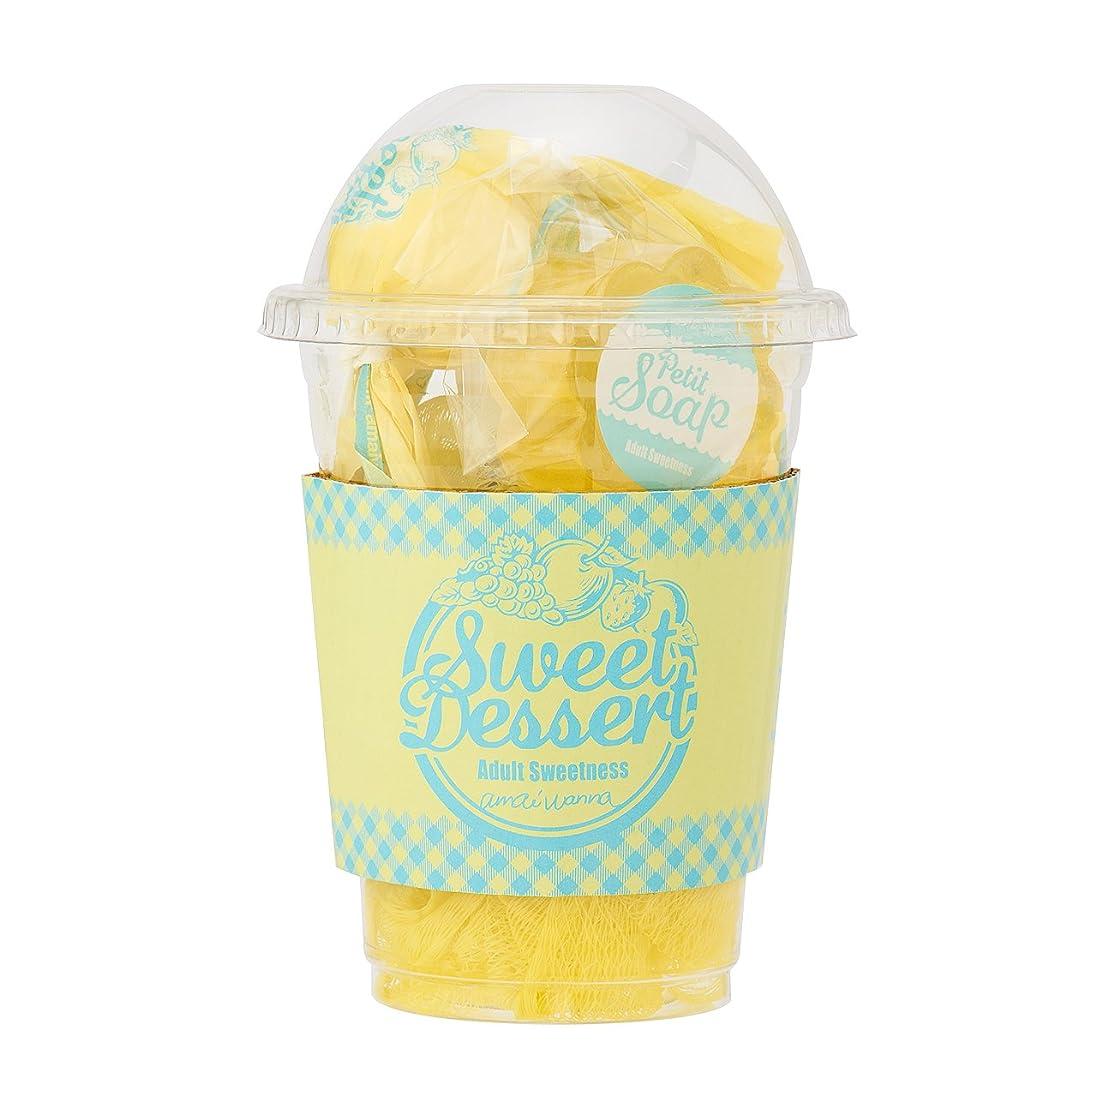 量でなめるお風呂アマイワナ スイーツカップセット 大人の甘美デザート(入浴料ギフト バスキャンディー2個、プチソープ1個、スポンジ1個 フローラルと果実の香り)